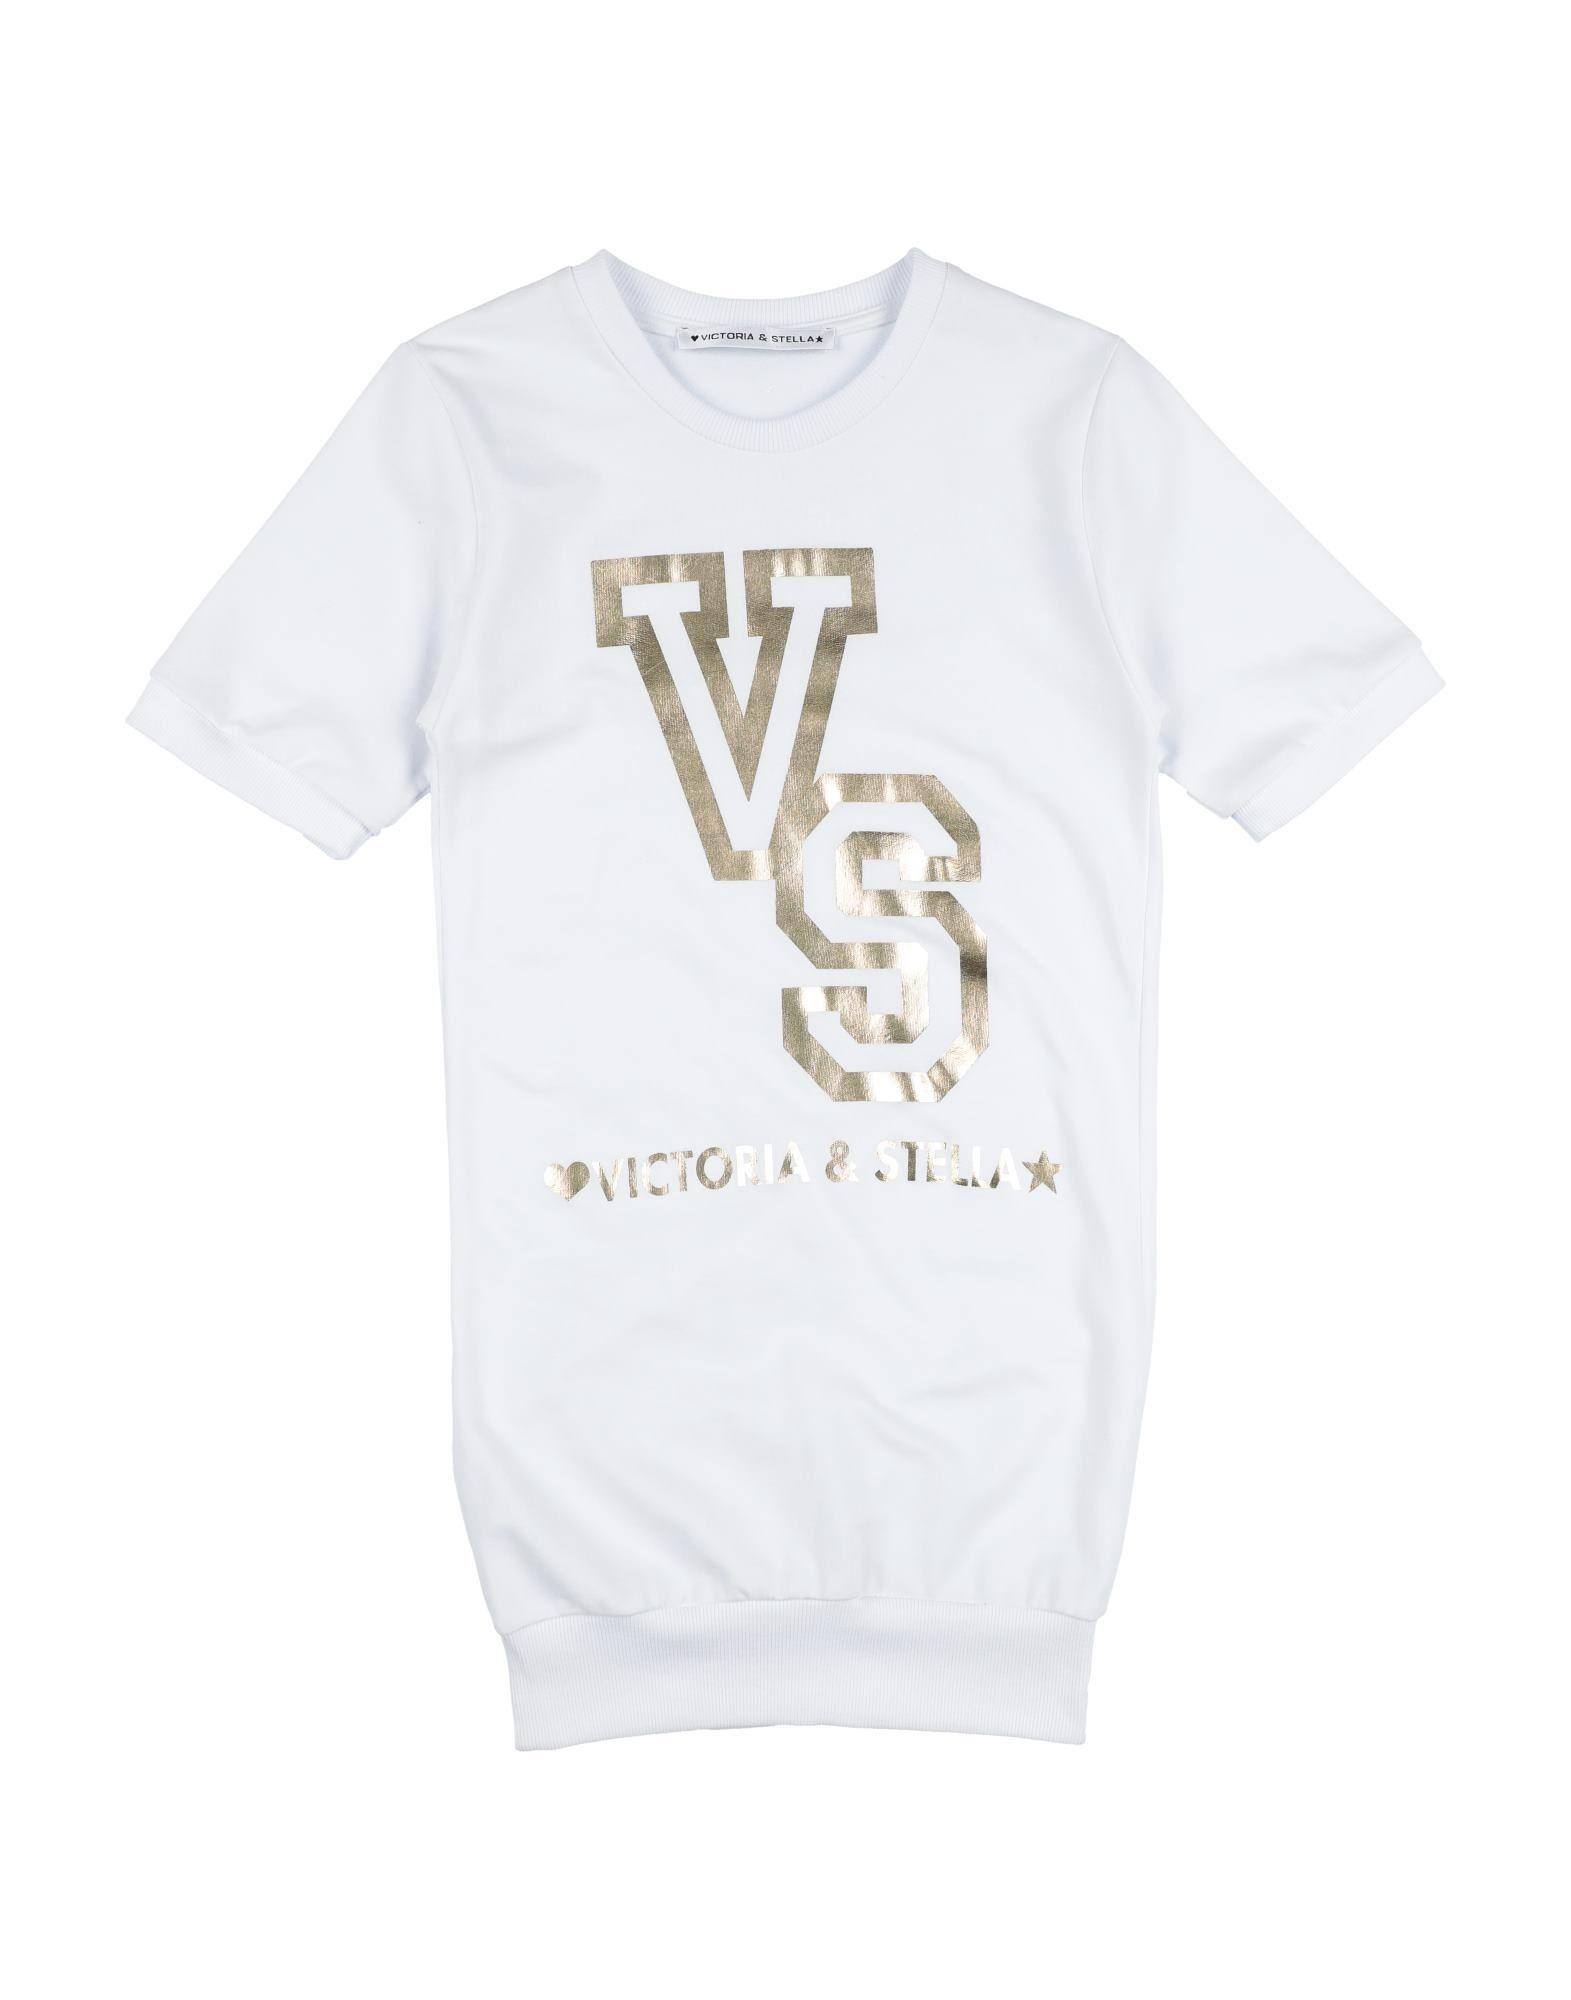 VICTORIA & STELLA Dresses - Item 34979821